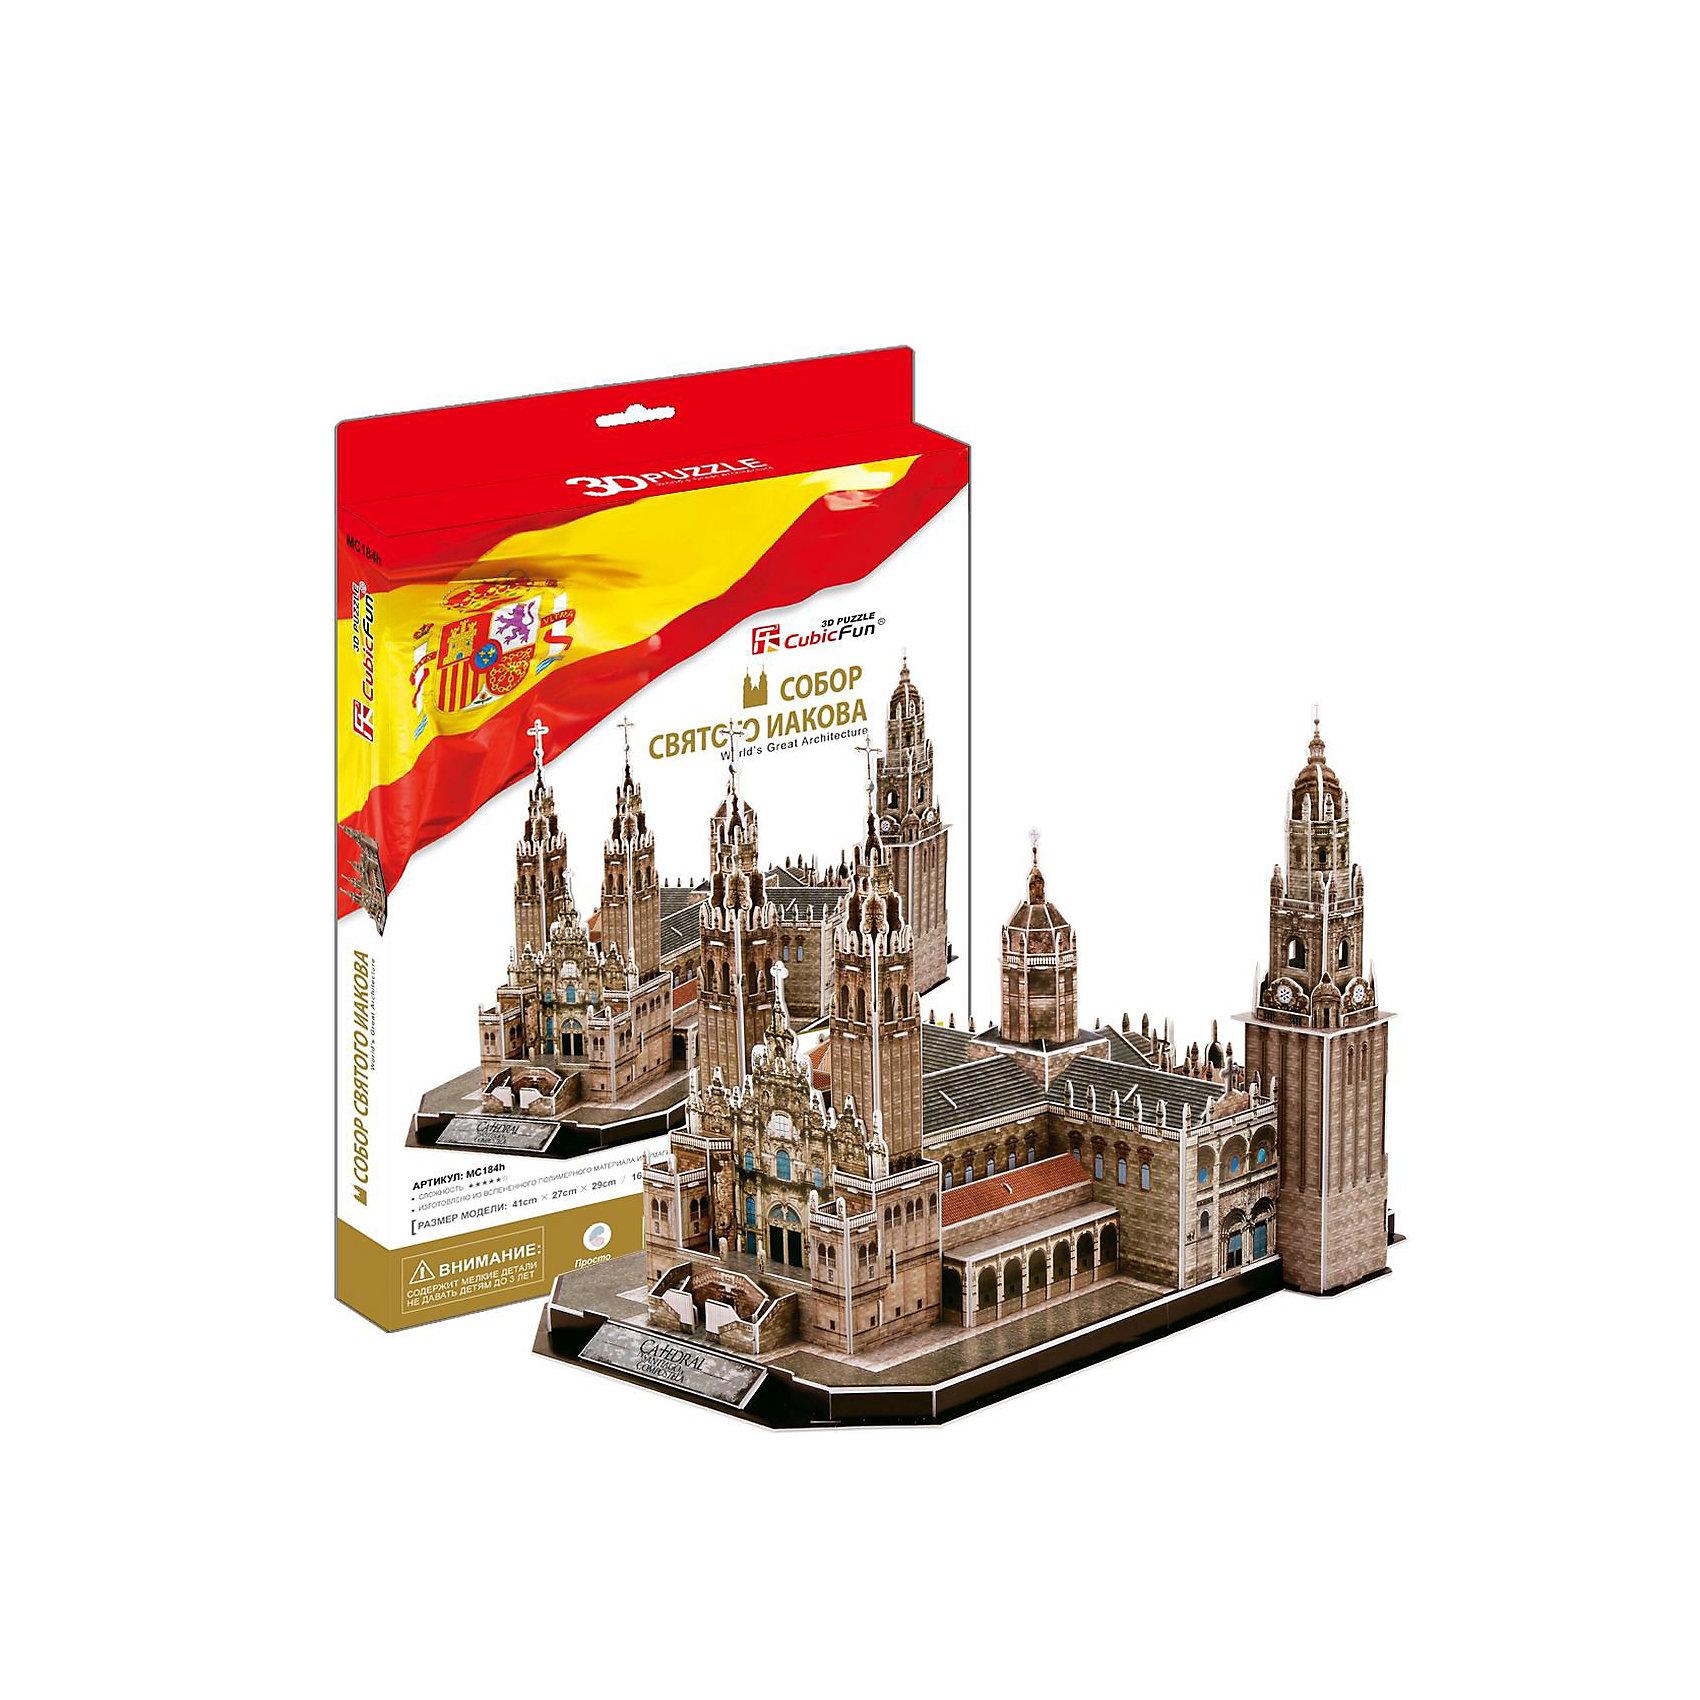 CubicFun Пазл 3D Собор Святого Иакова (Испания), CubicFun cubicfun 3d пазл эйфелева башня 2 франция cubicfun 33 детали